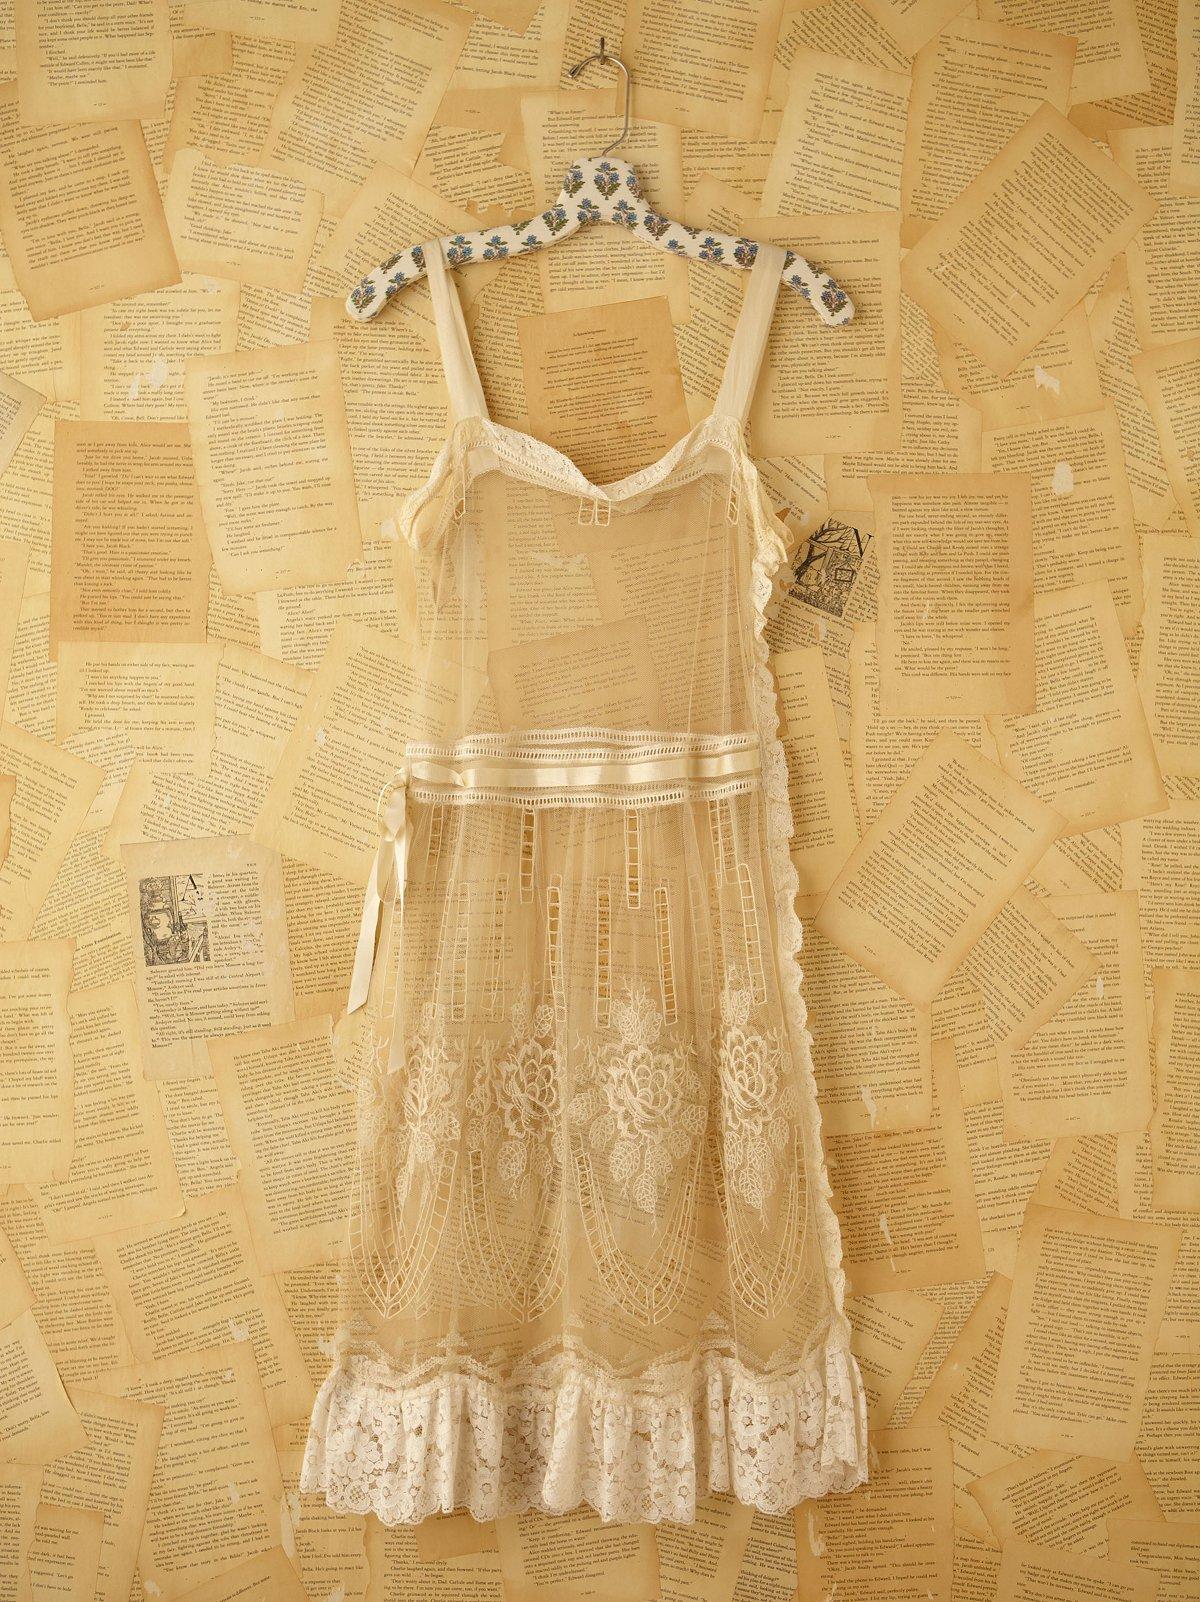 Vintage 1920s Lace Dress